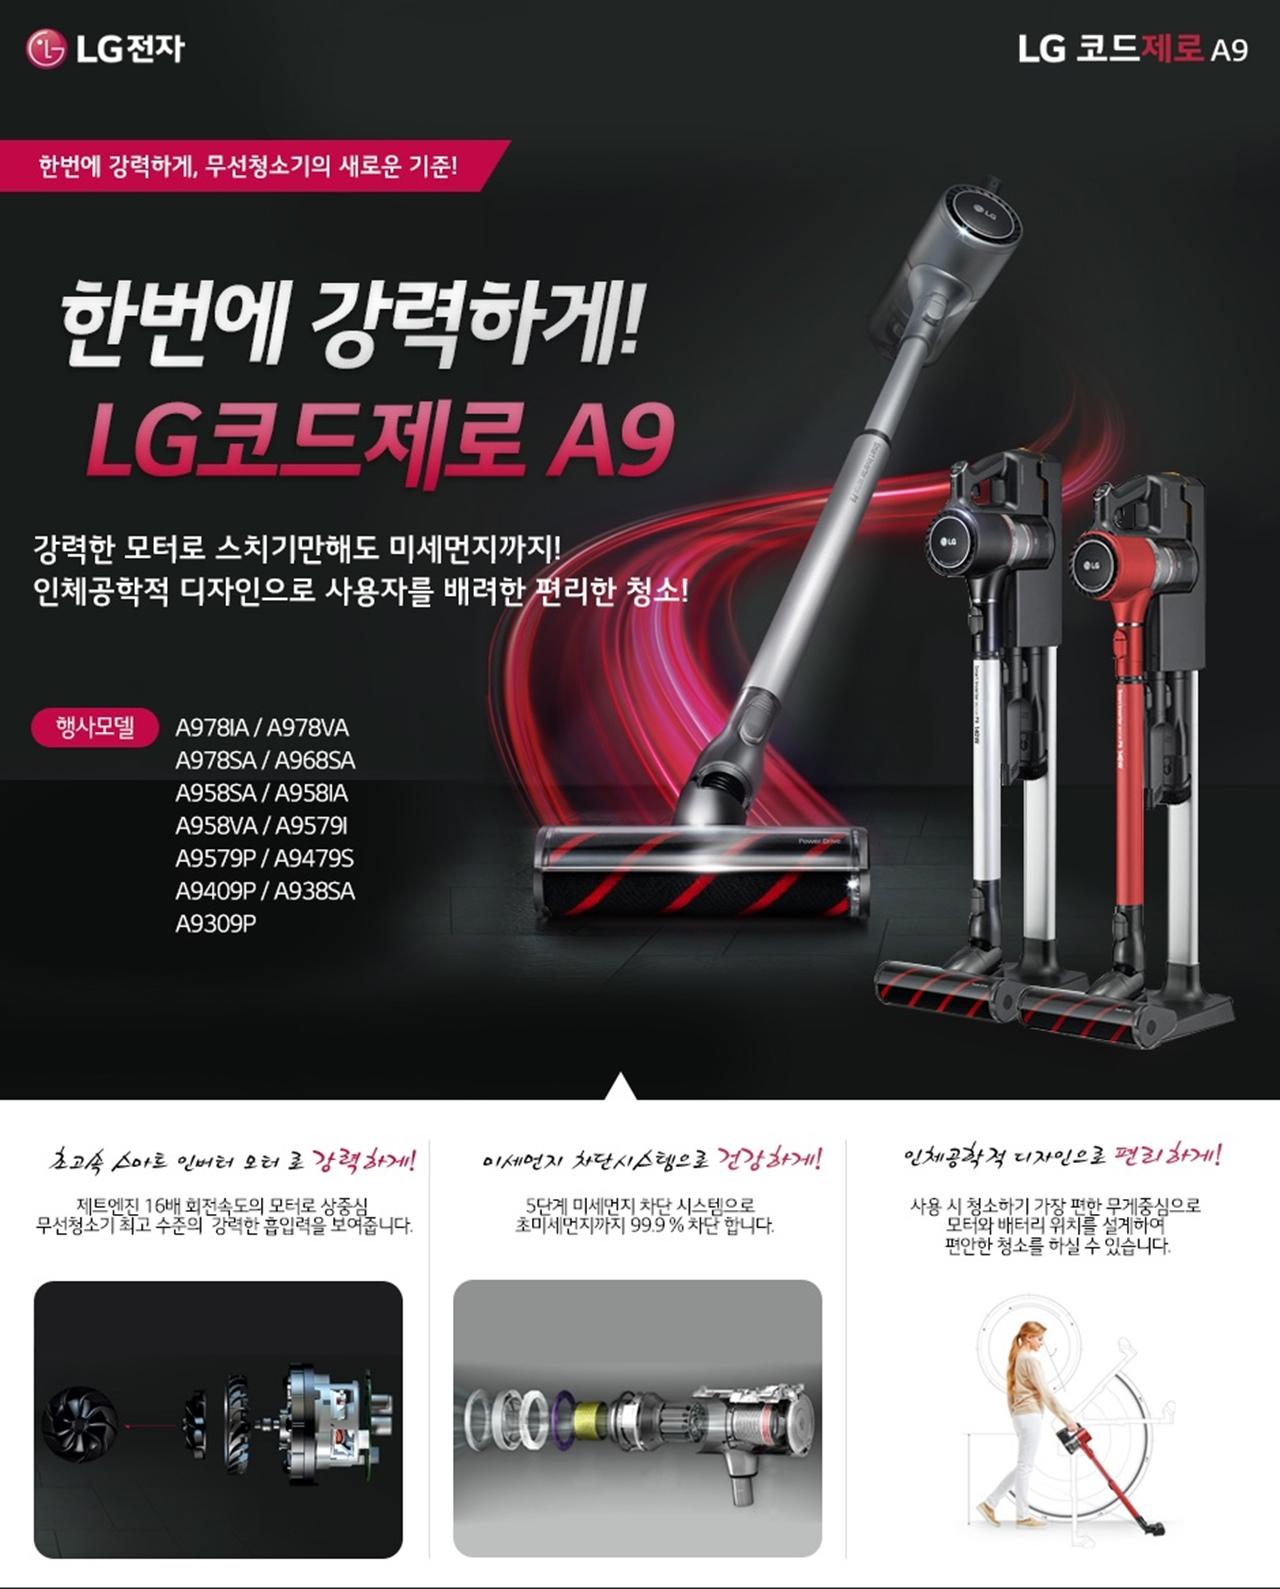 [LG전자] LG 코드제로 A9 강력한 모터로 스치기만해도 미세먼지까지!